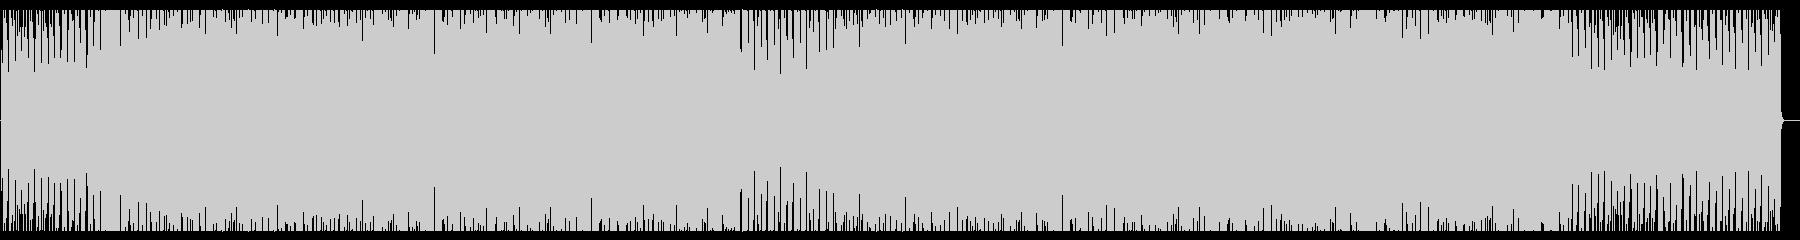 アナログシンセのテクスチャーEDMの未再生の波形